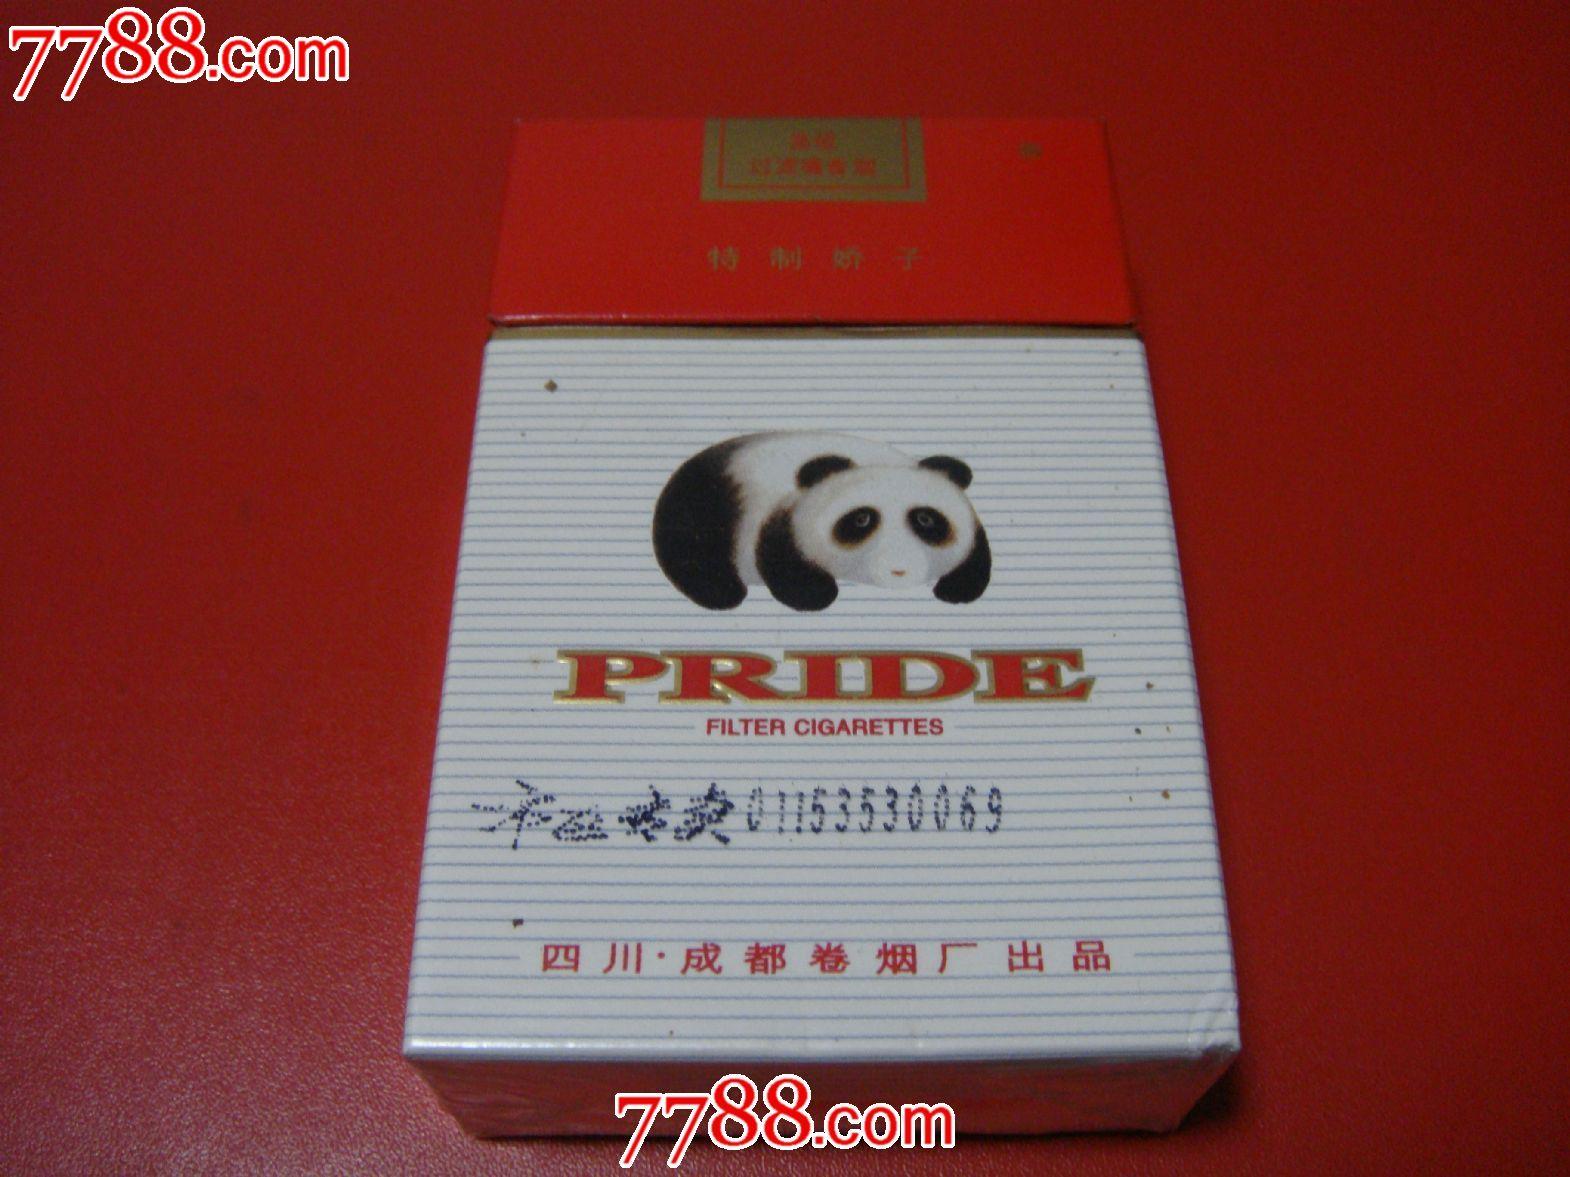 早期版,警句在侧边,四川·成都卷烟厂【特制娇子】_价格3元_第1张